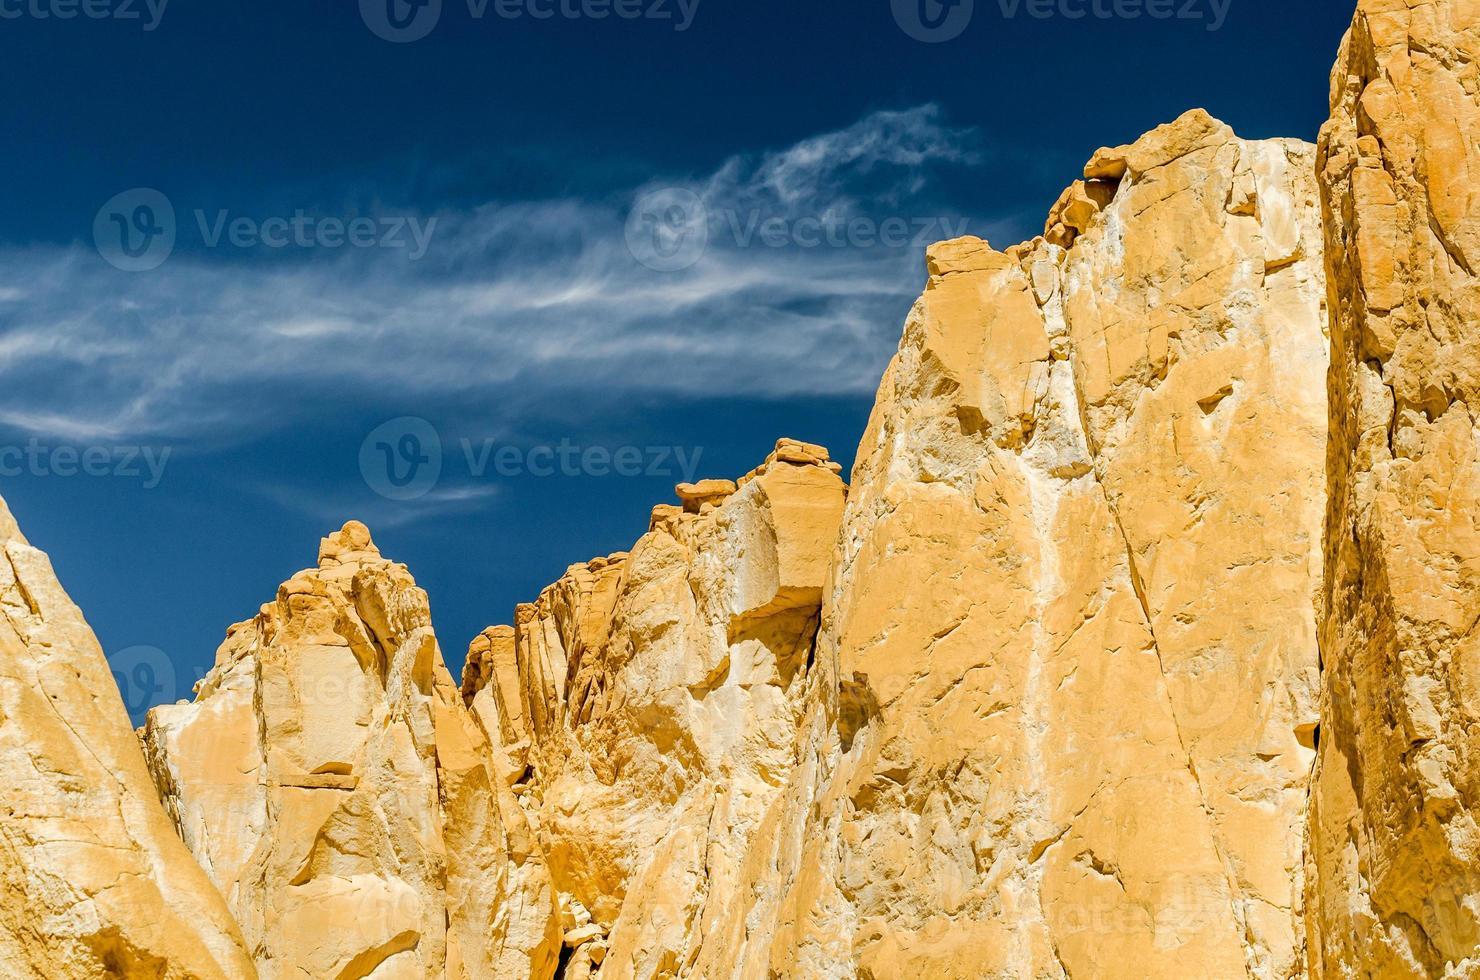 scherpe bergen met diepblauwe lucht foto